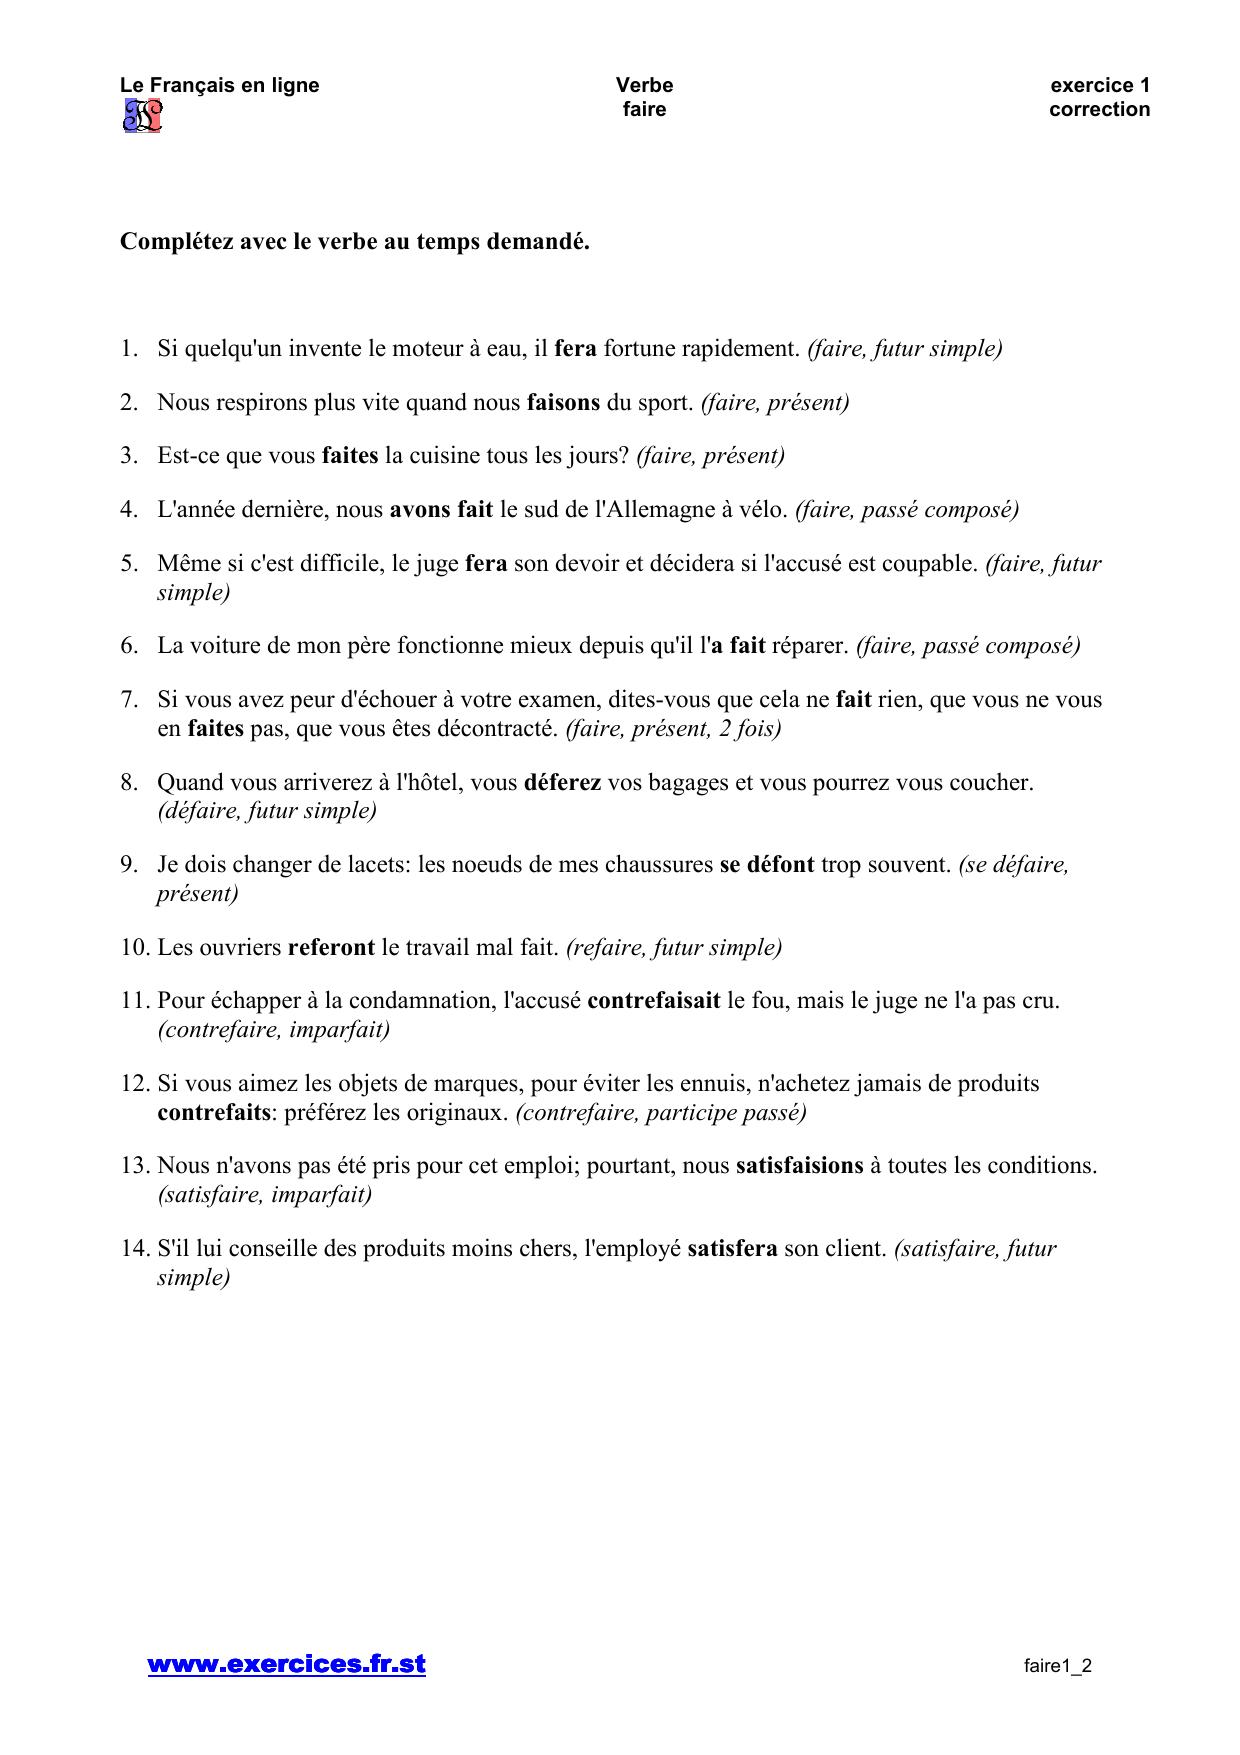 Www Exercices Fr St Completez Avec Le Verbe Au Temps Demande 1